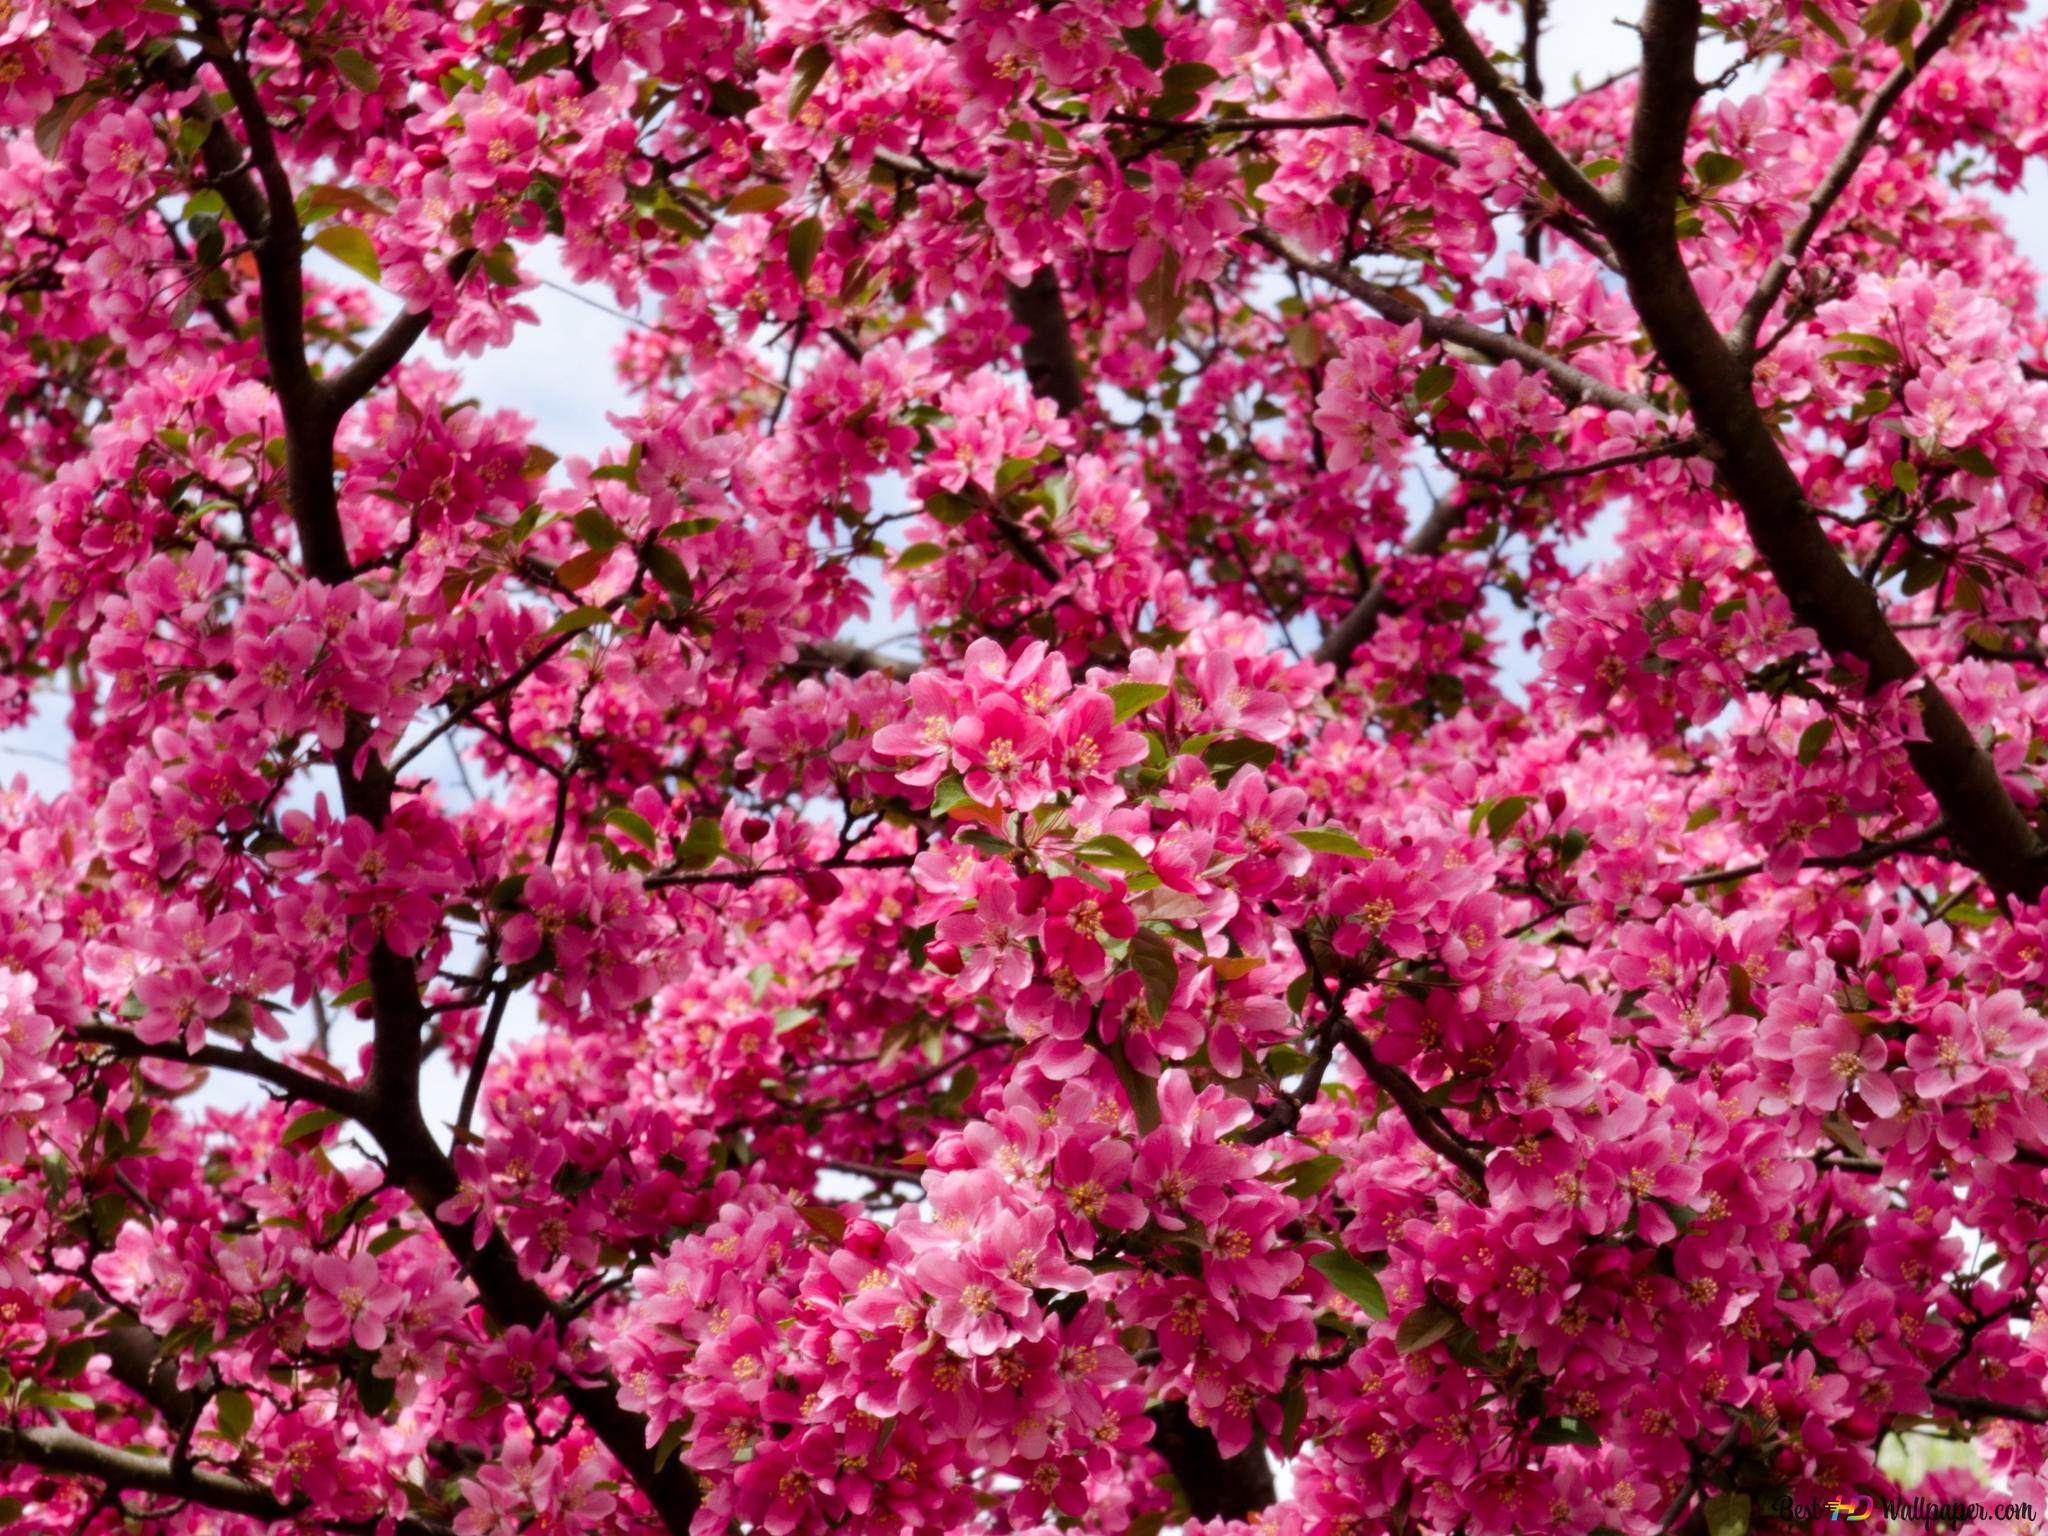 ピンクのツリー 桜 Hd壁紙のダウンロード